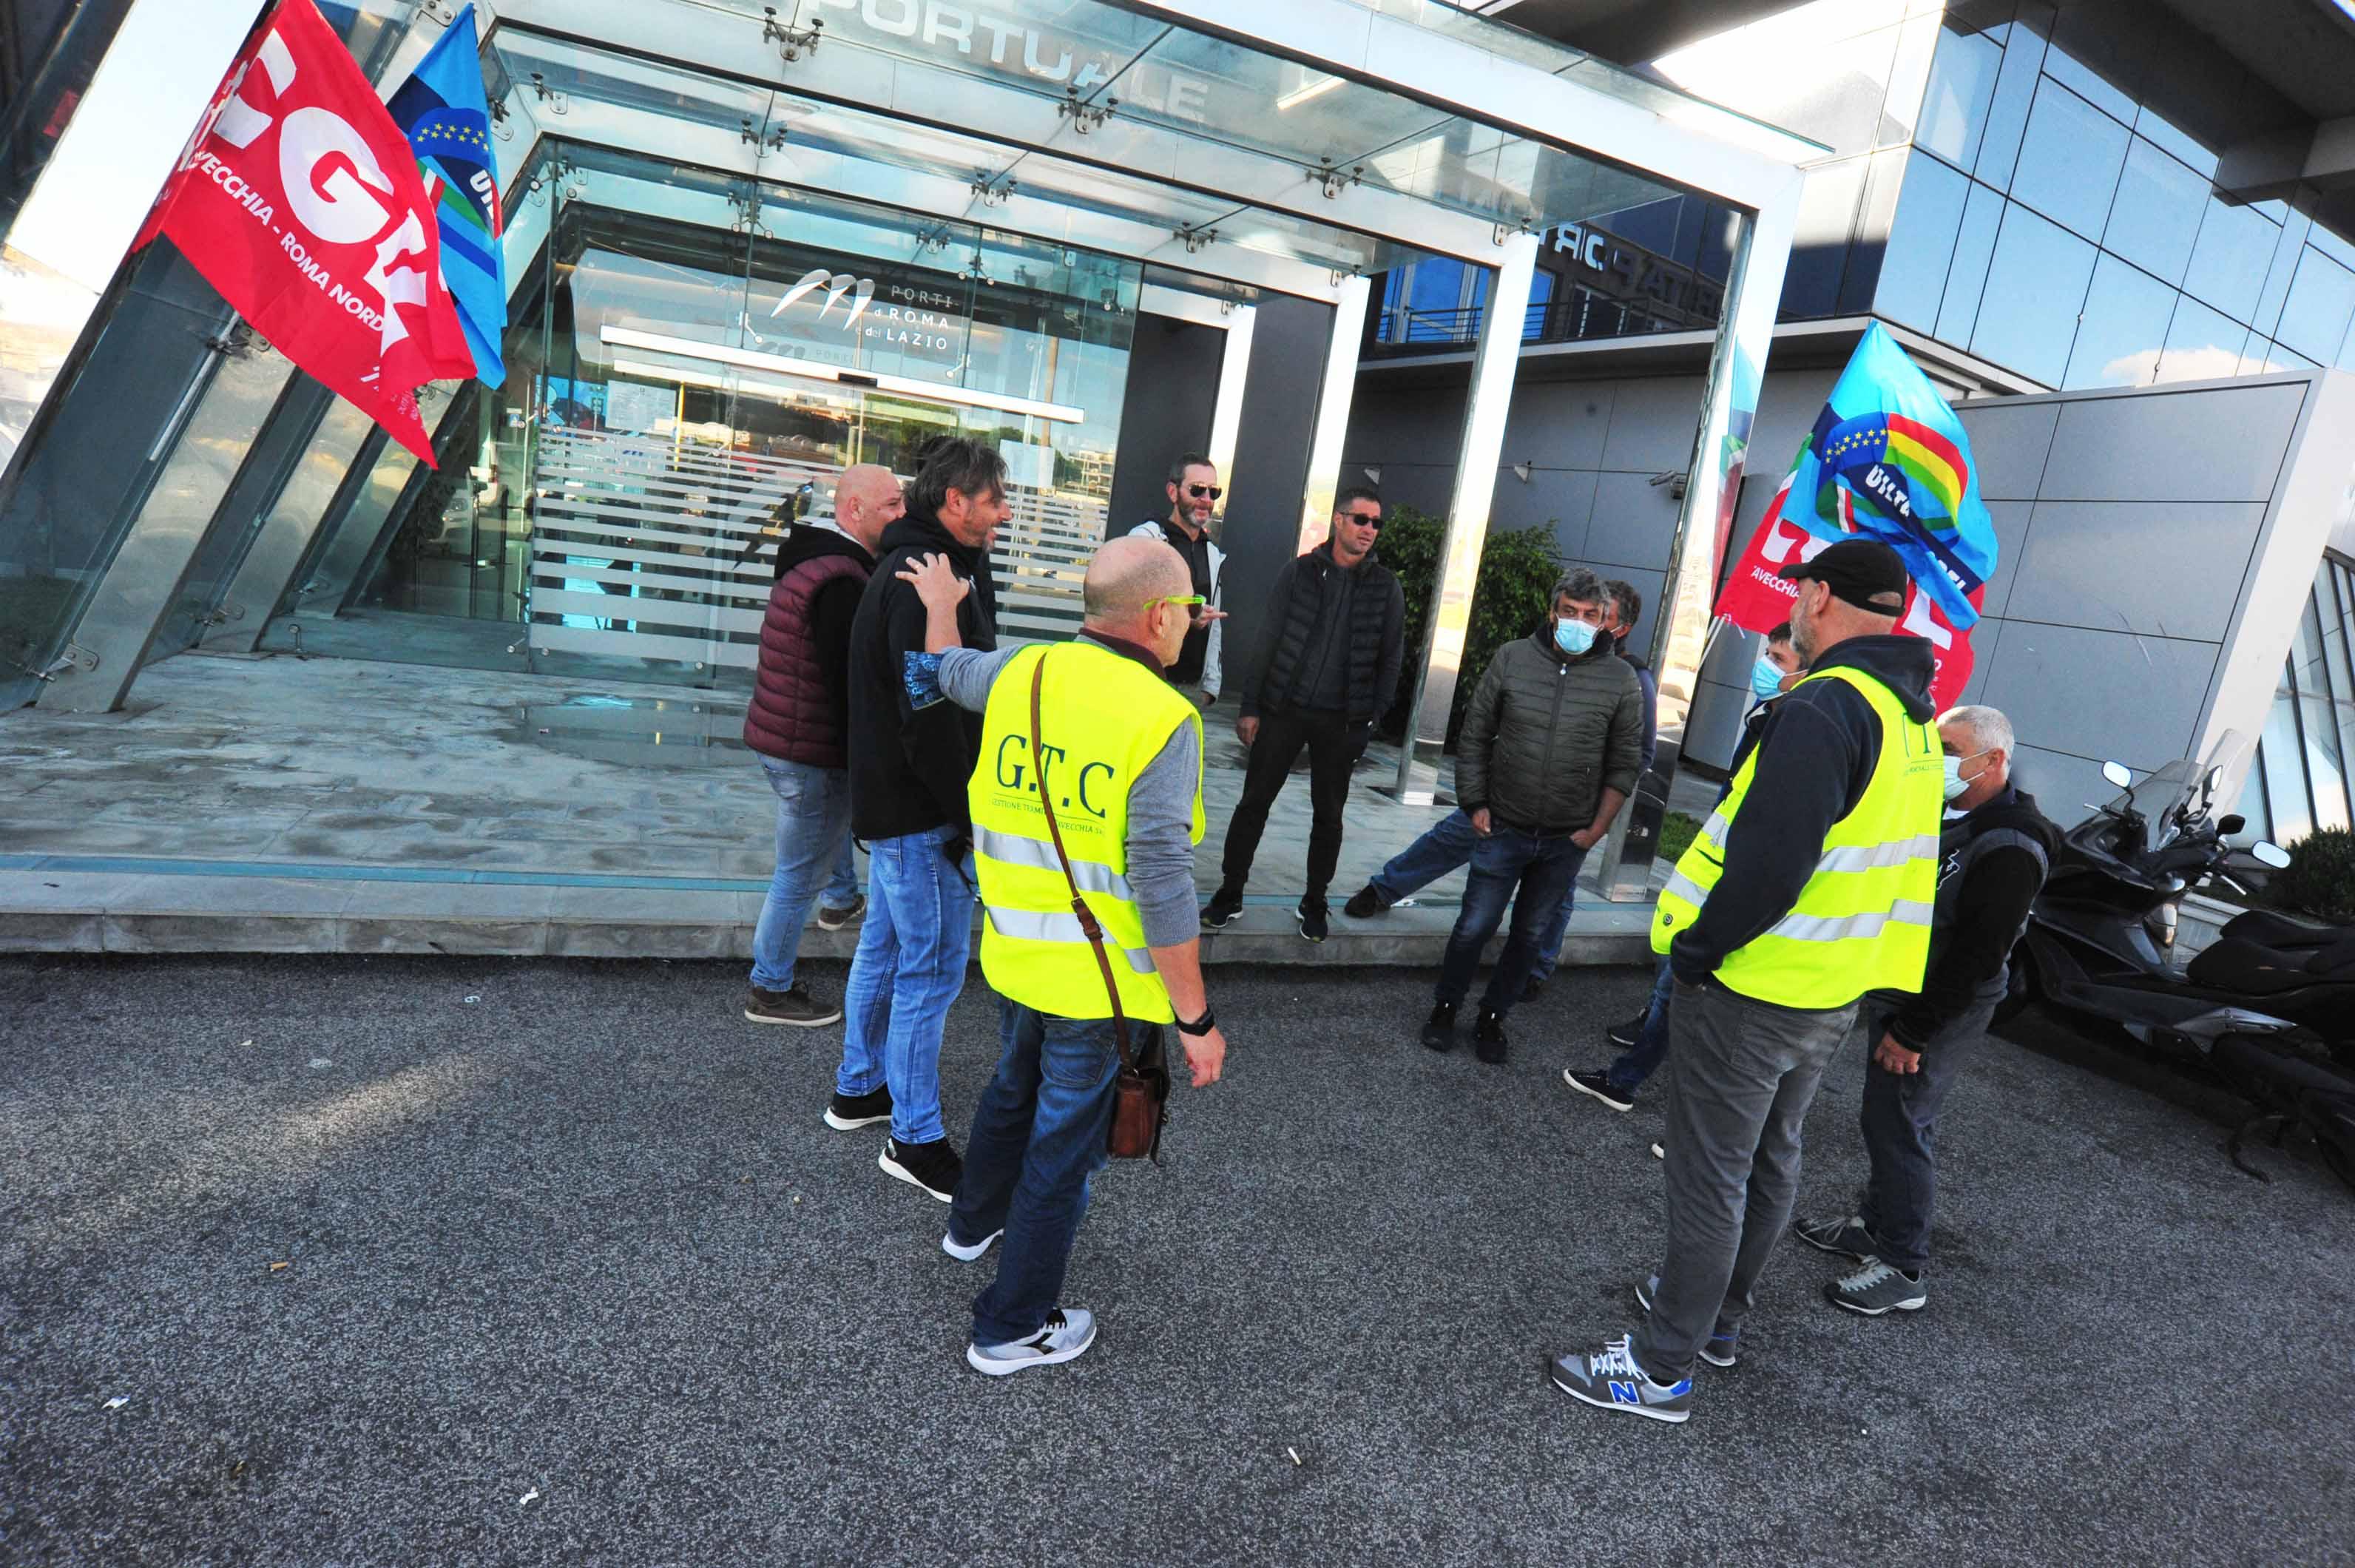 Gtc, precipita la vertenza: tre giorni di protesta sotto Molo Vespucci